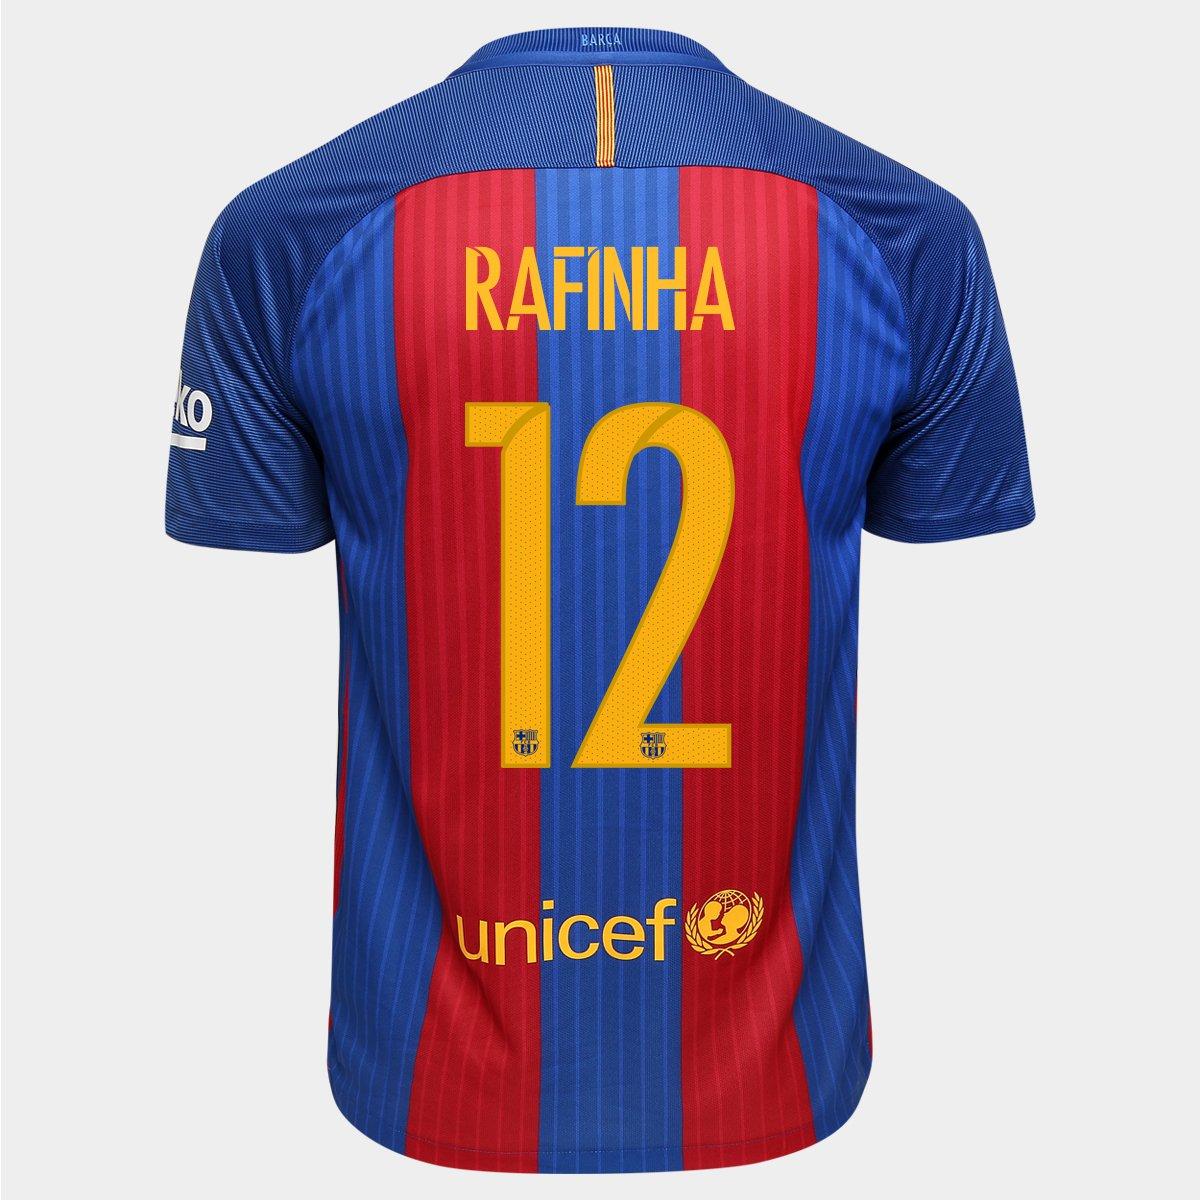 d24597bded Camisa Nike Barcelona Home 16 17 Nº 12 - Rafinha - Compre Agora ...